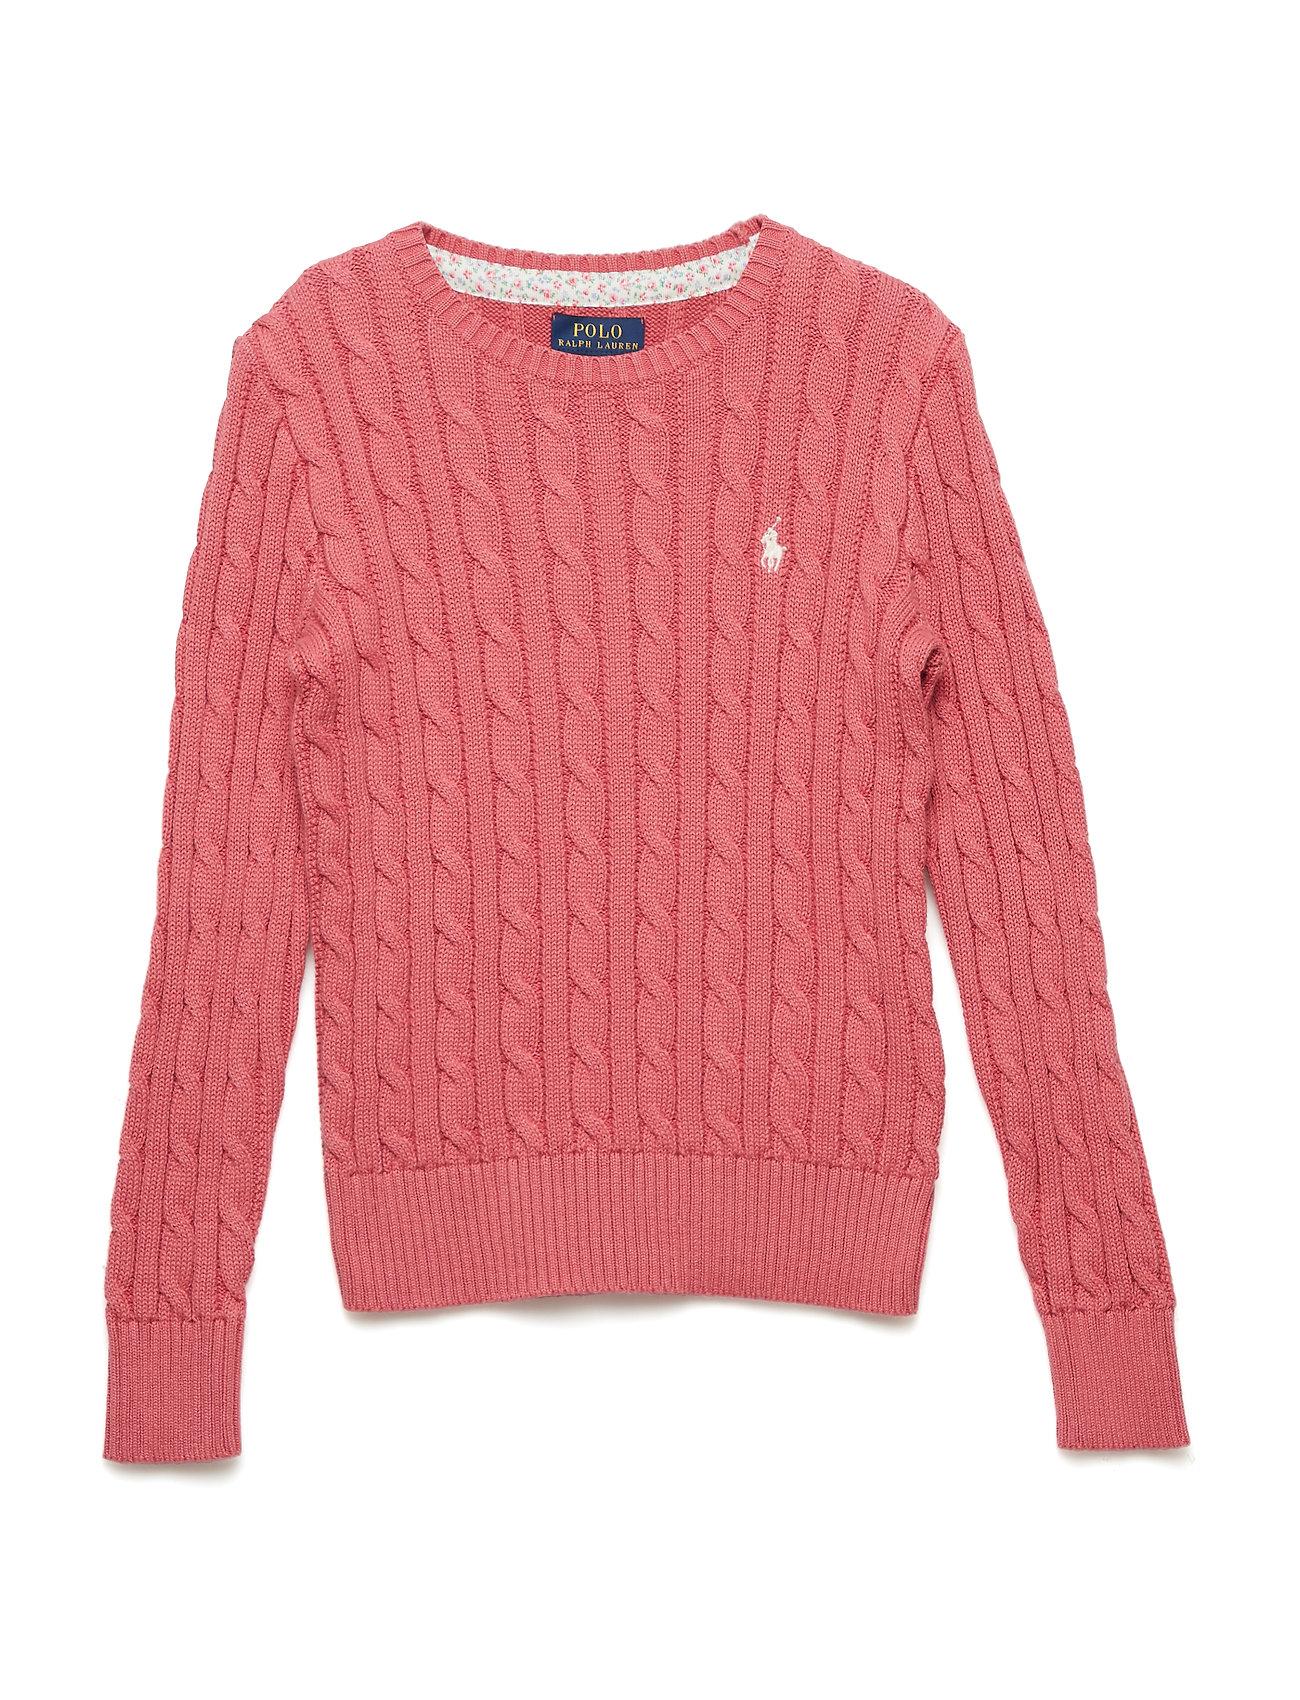 Ralph Lauren Kids Cable-Knit Cotton Sweater